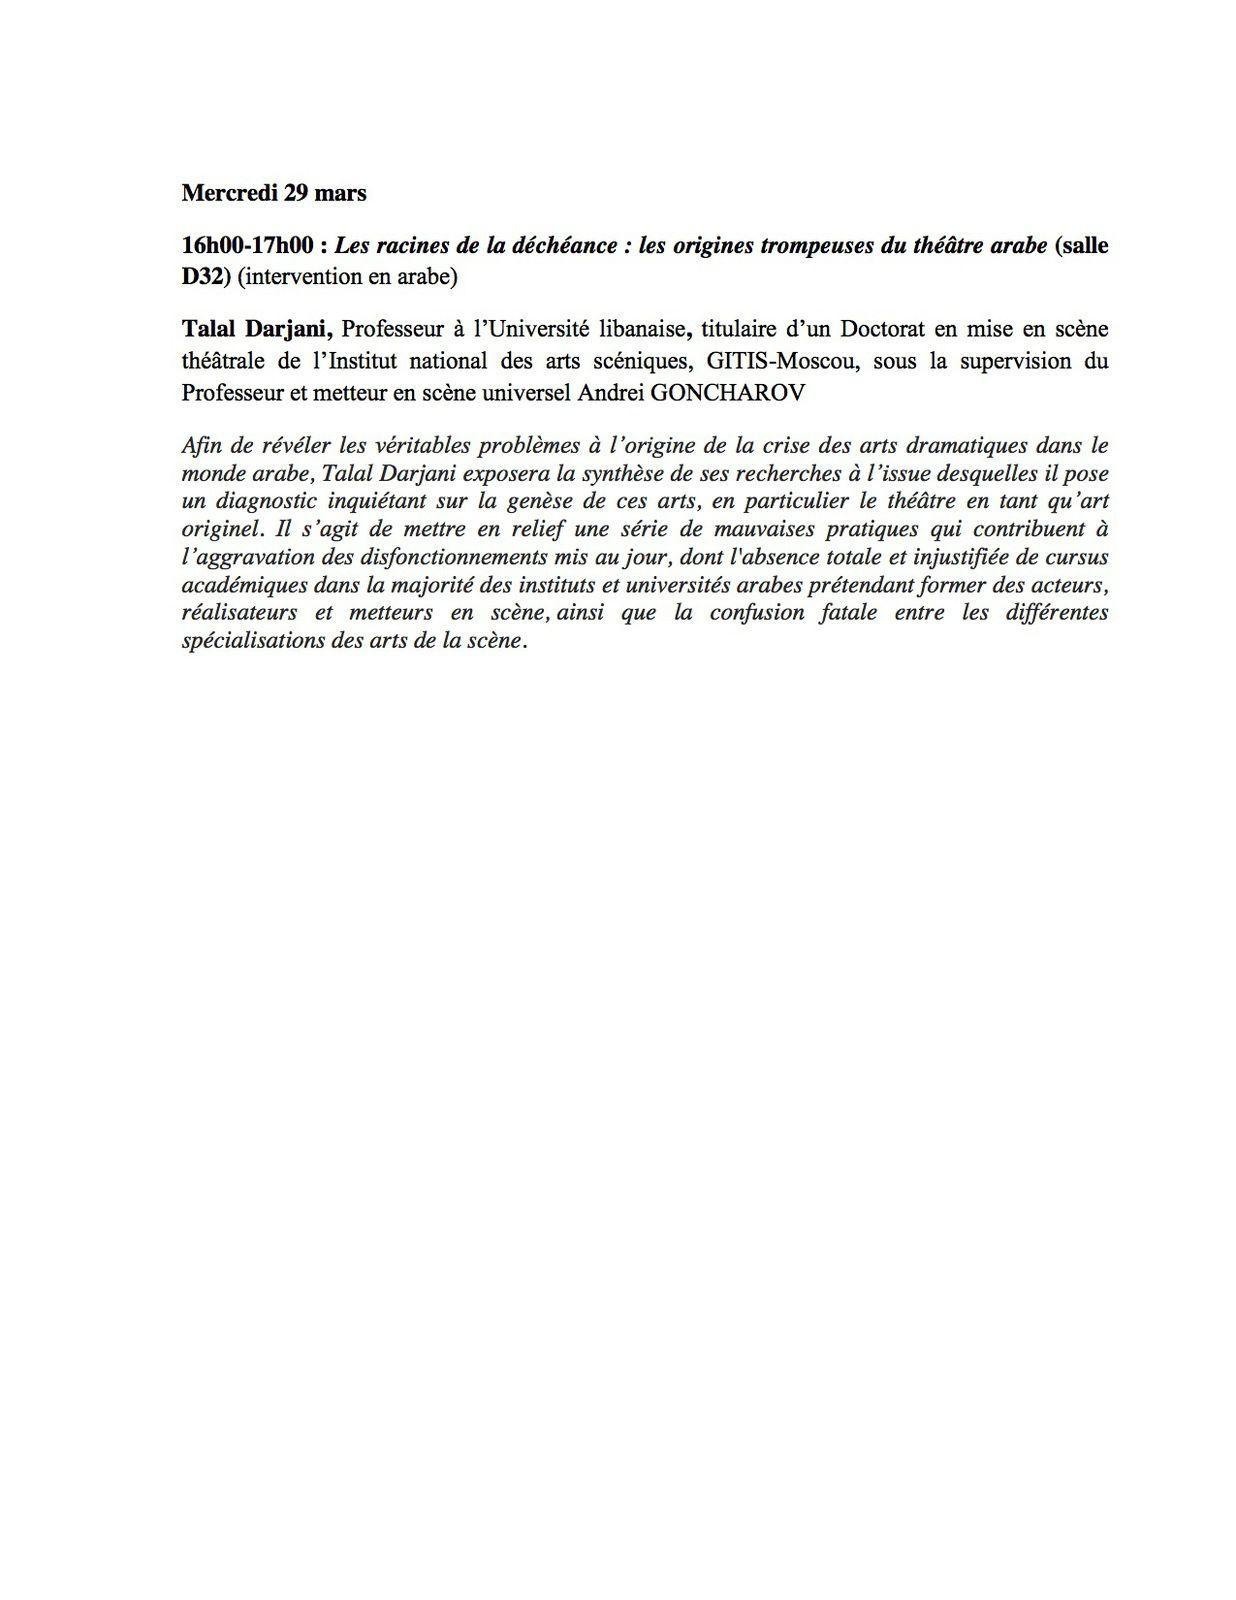 Colloque : le théâtre dans le monde arabe : entre réalité et illusion / Lundi 27 mars/mercredi 29 mars 2017 / Université Sorbonne nouvelle, 13 rue Santeuil, 75005 Paris